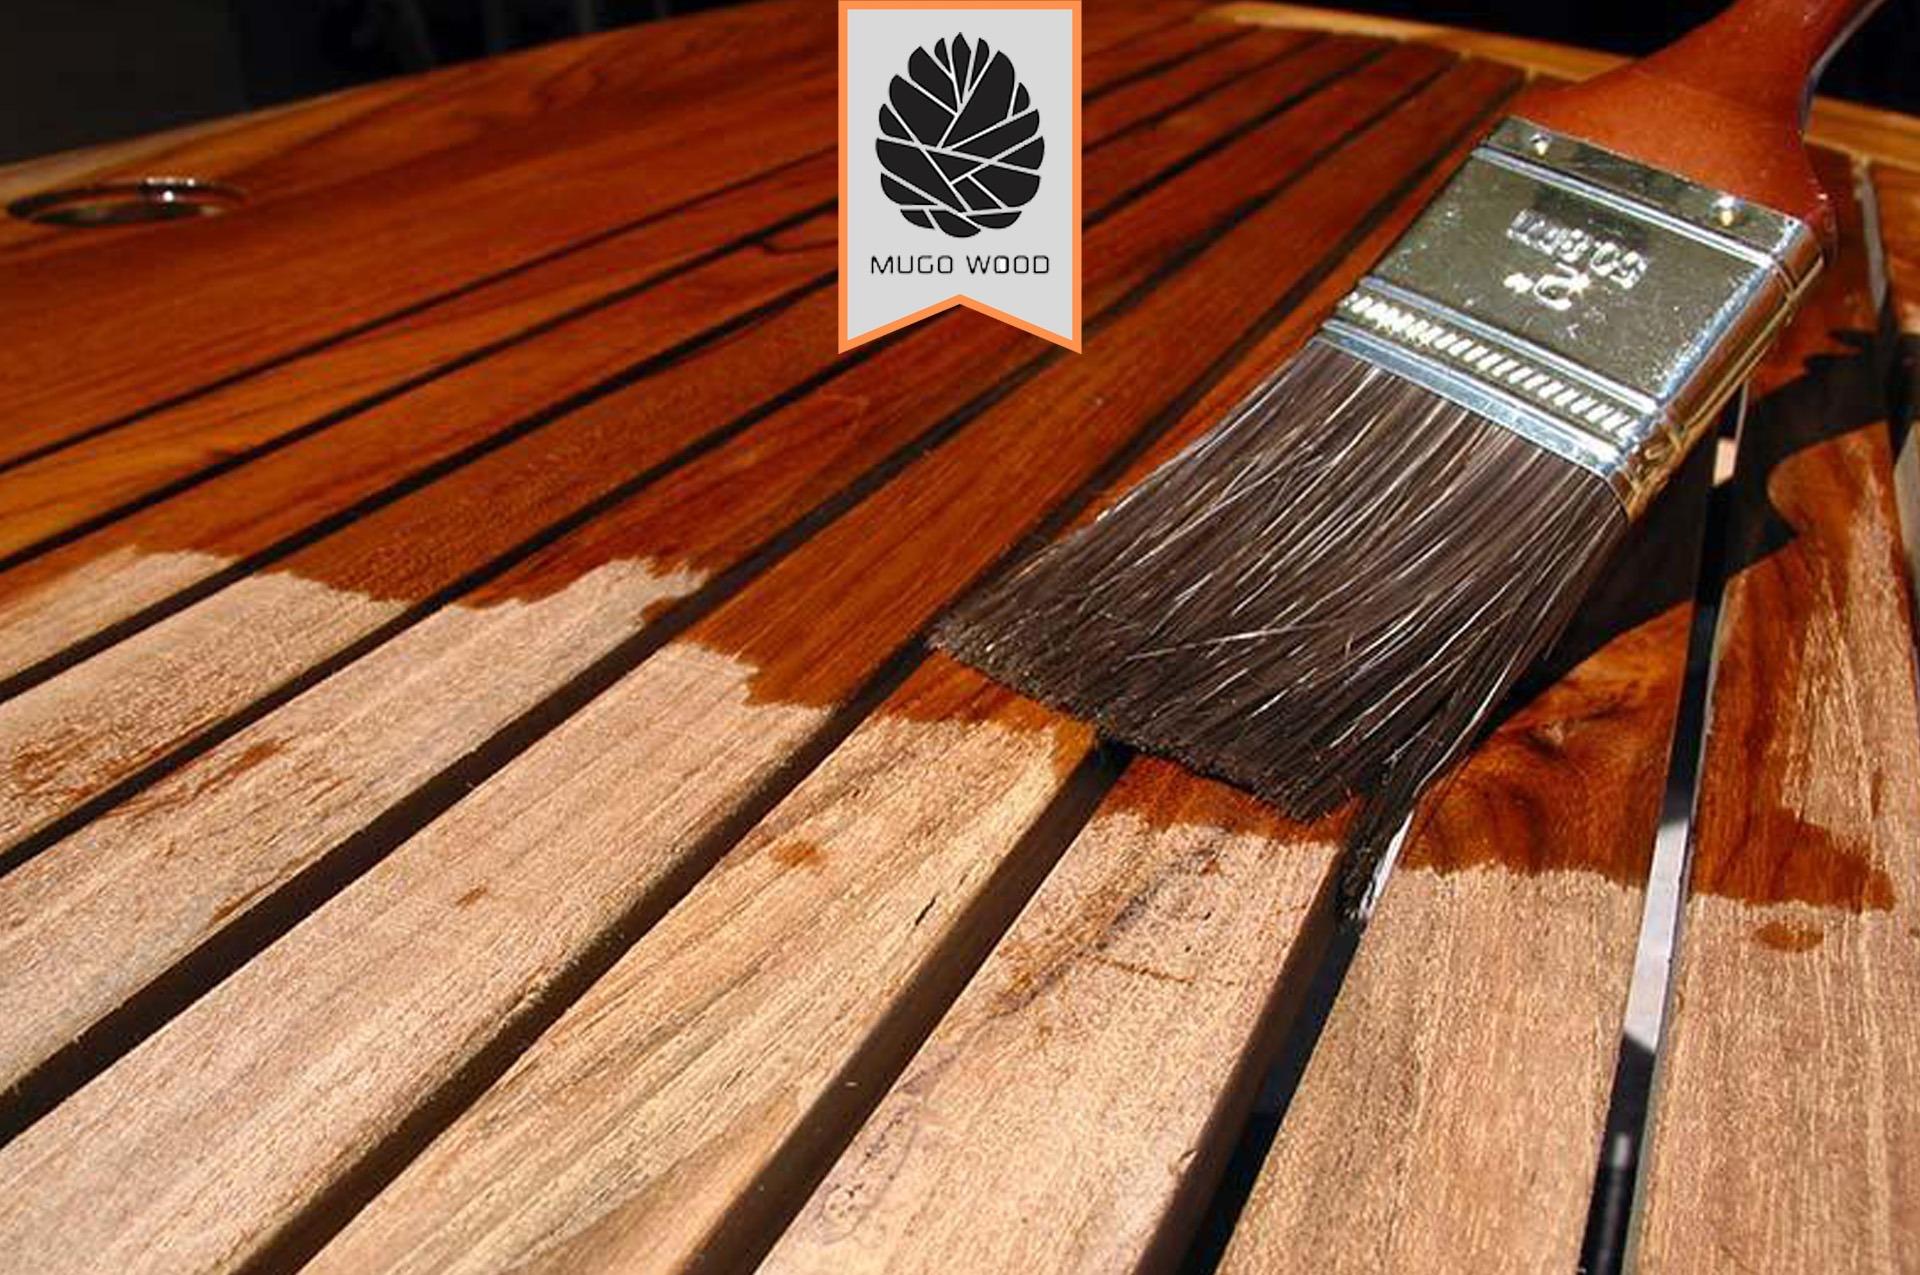 محصولات ترموود | کیا وود | ترمووود | ترموود | چوب ترمو | چوب ترموود | رنگ ترموود